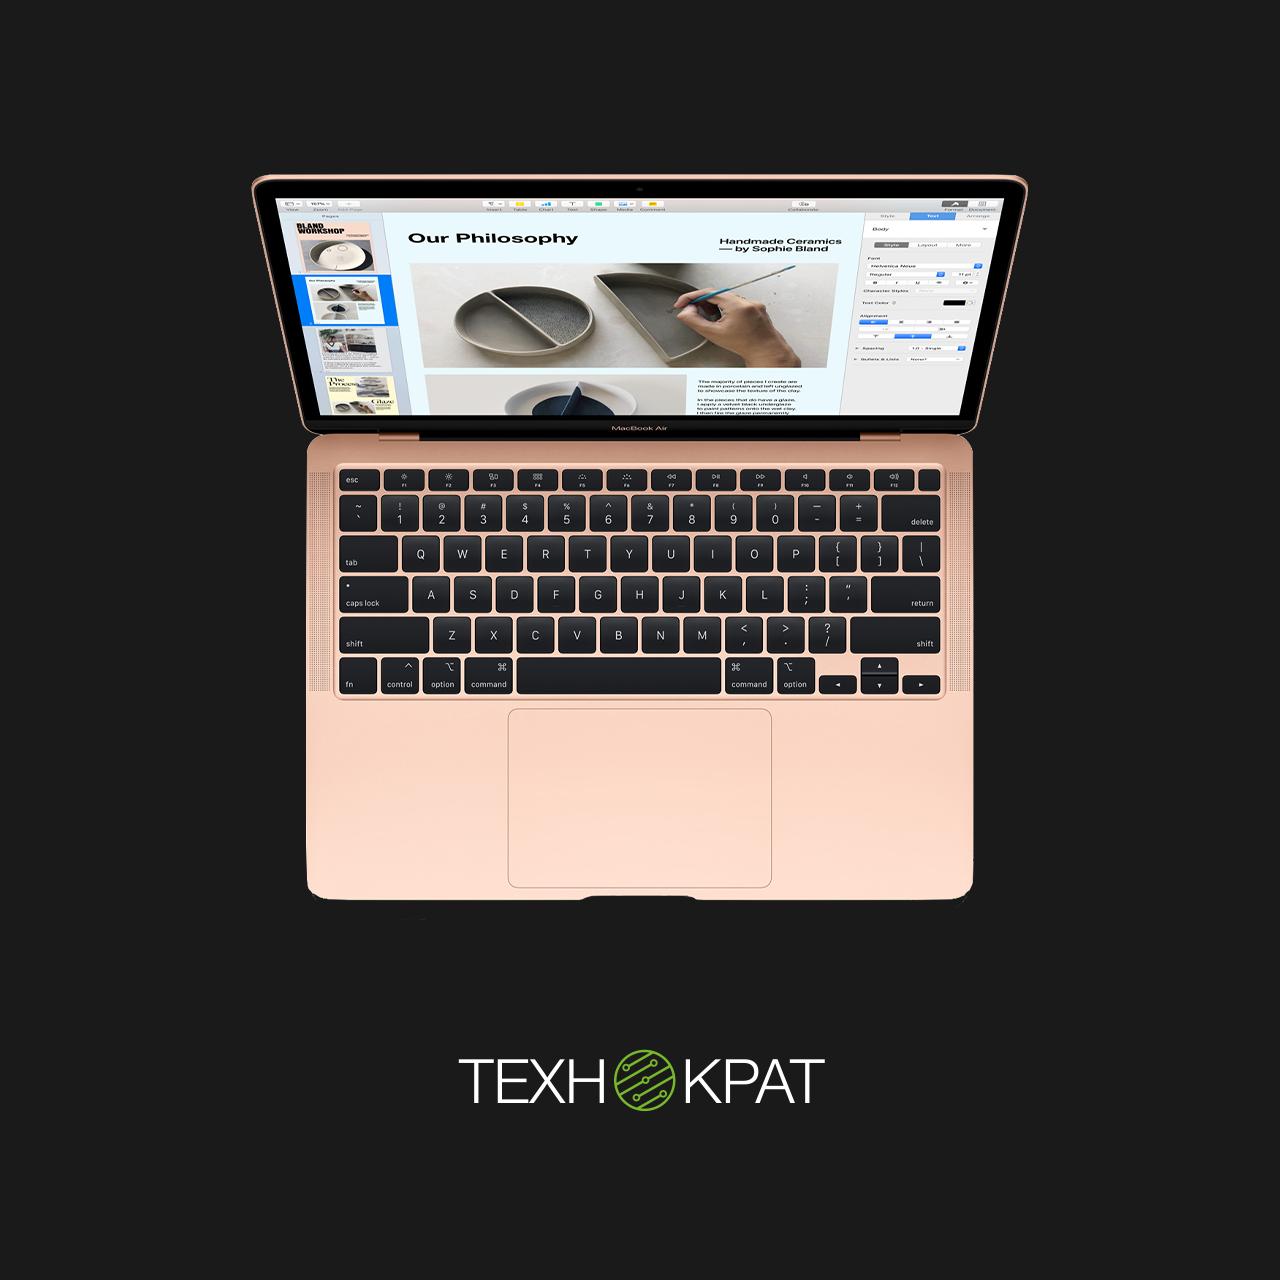 Як подорожувати з ноутбуком?